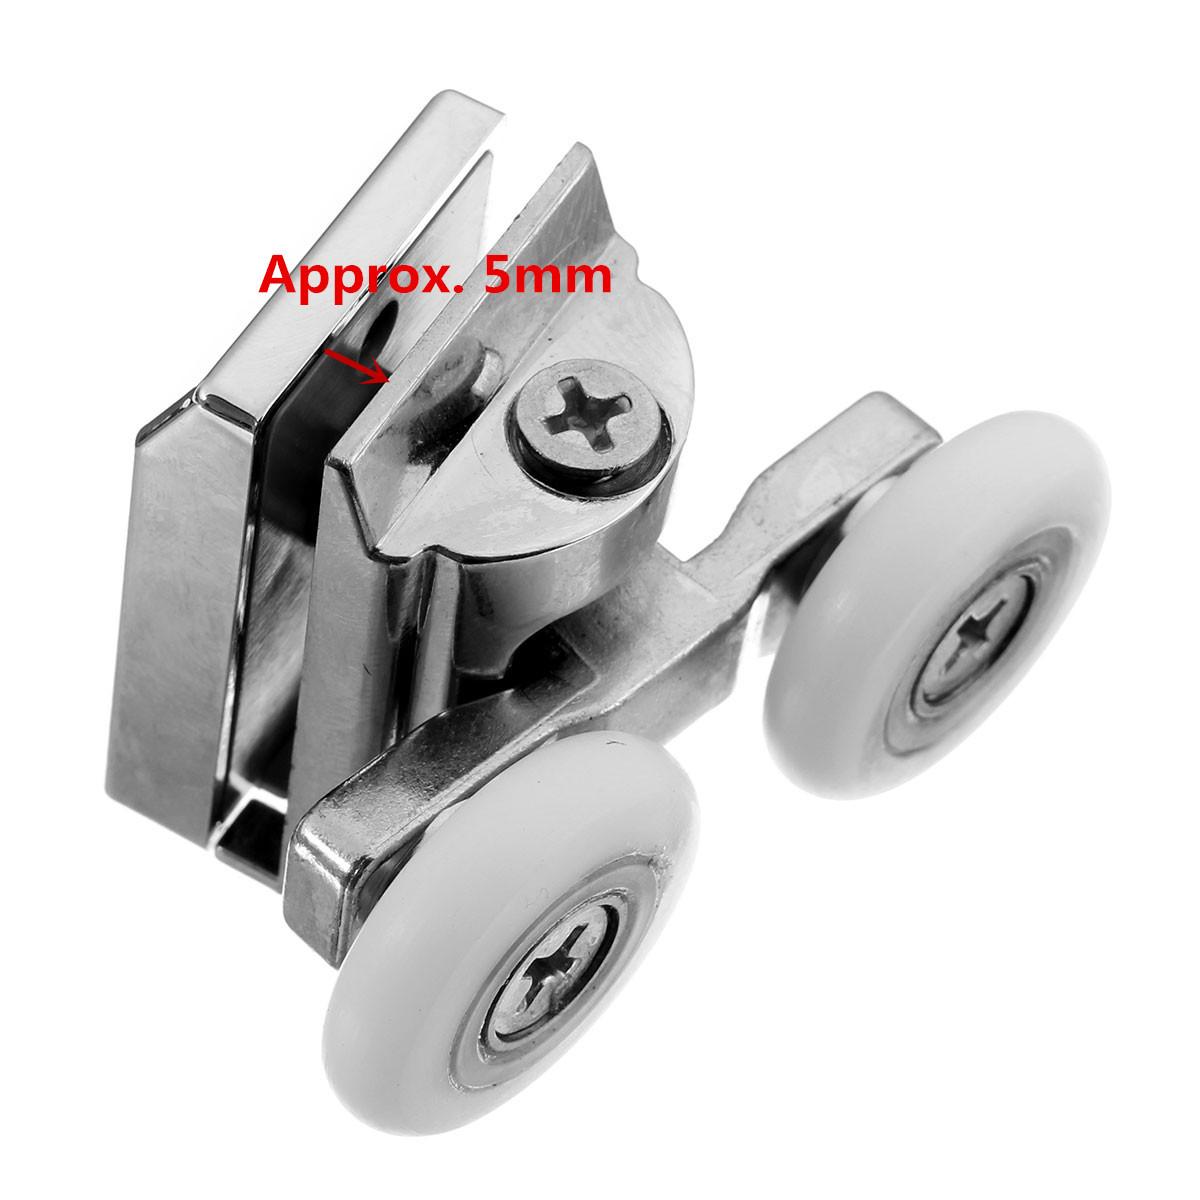 2pcs ruedas dobles puertas de ducha rodillos superiores for Perilla para ducha